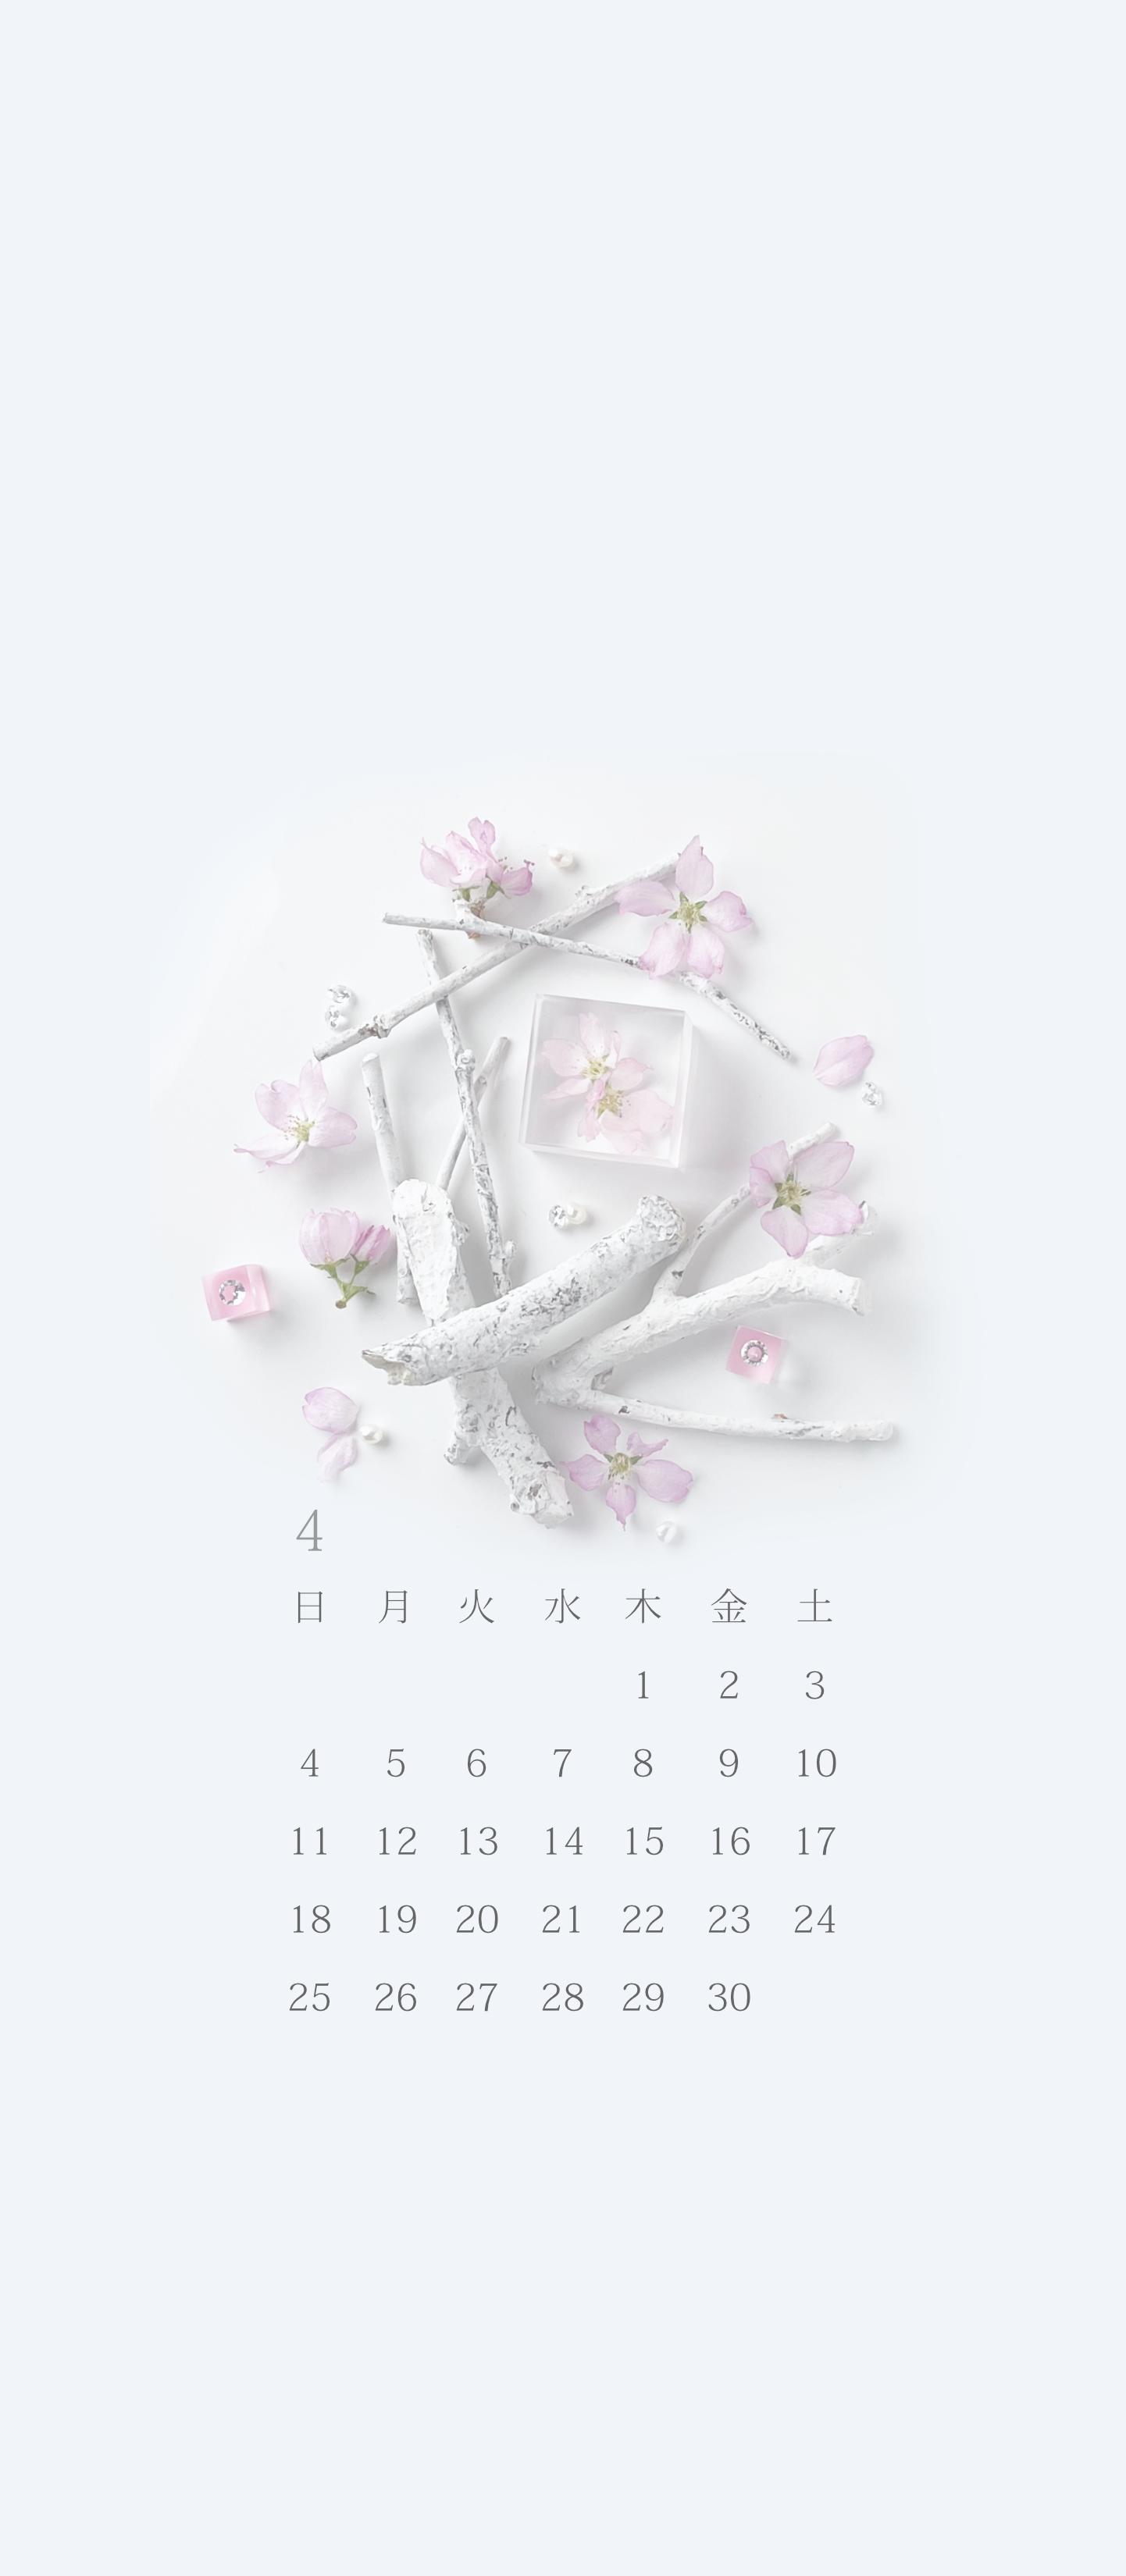 無料ロック画面カレンダー 「4月 桜」